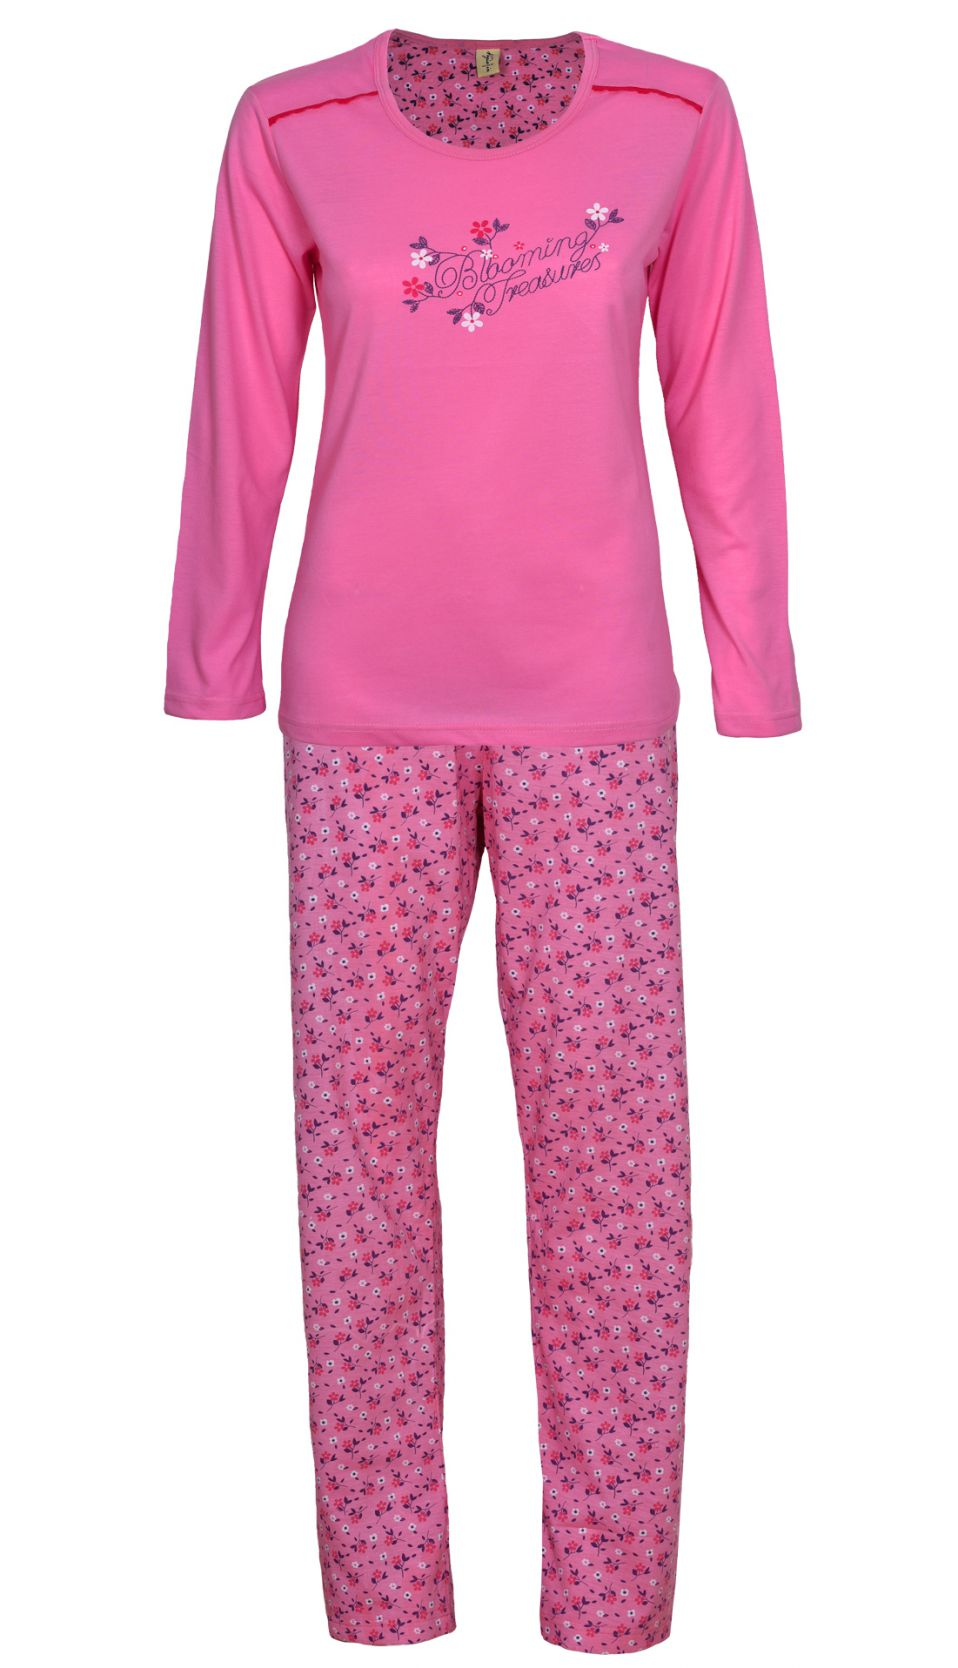 Ladies pajama Voque in 86283